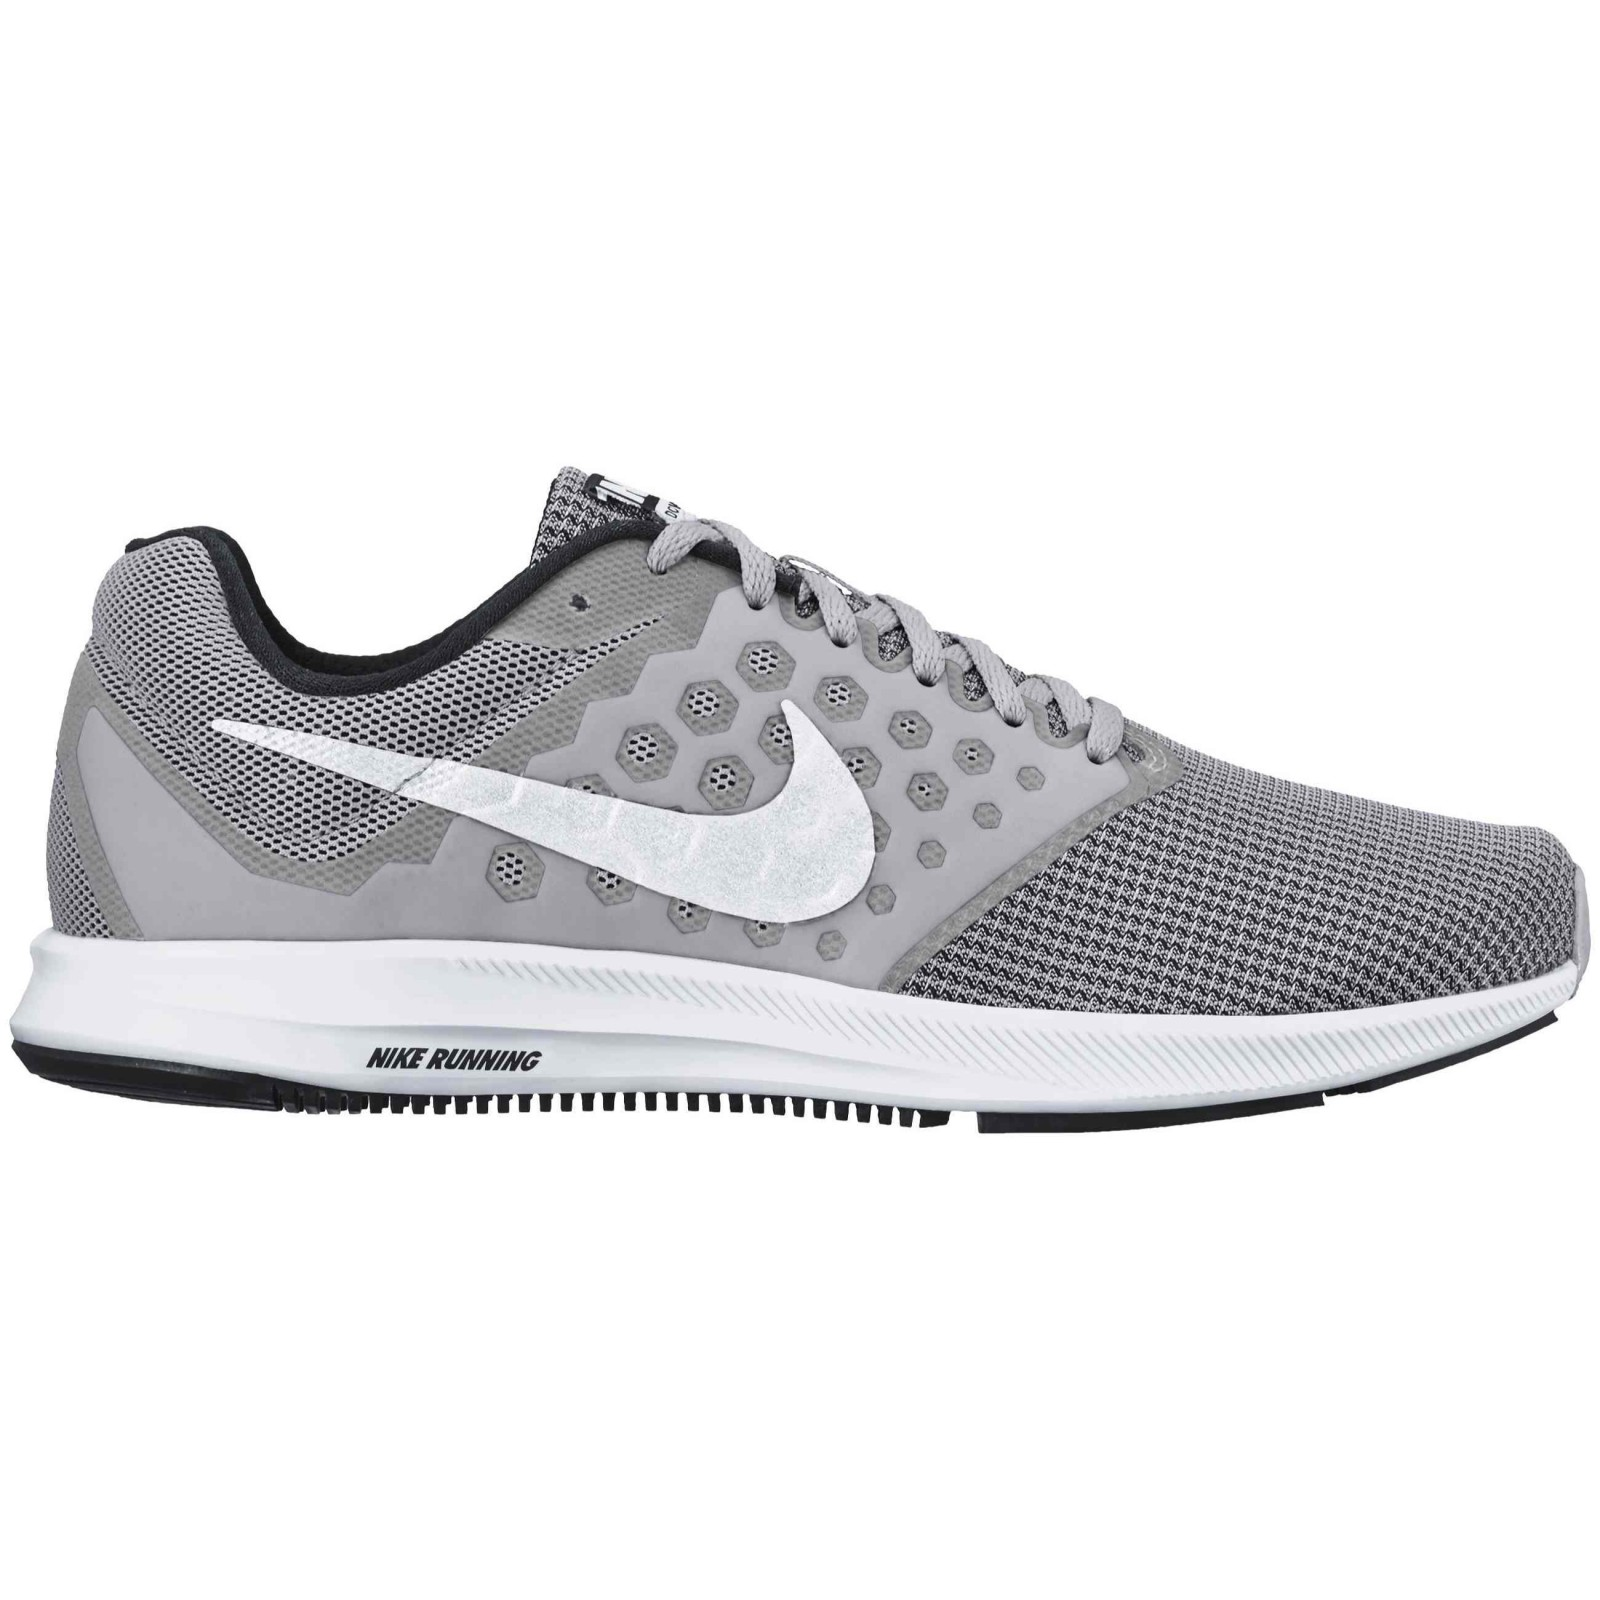 9d4b36f54d6 Pánské běžecké boty Nike DOWNSHIFTER 7